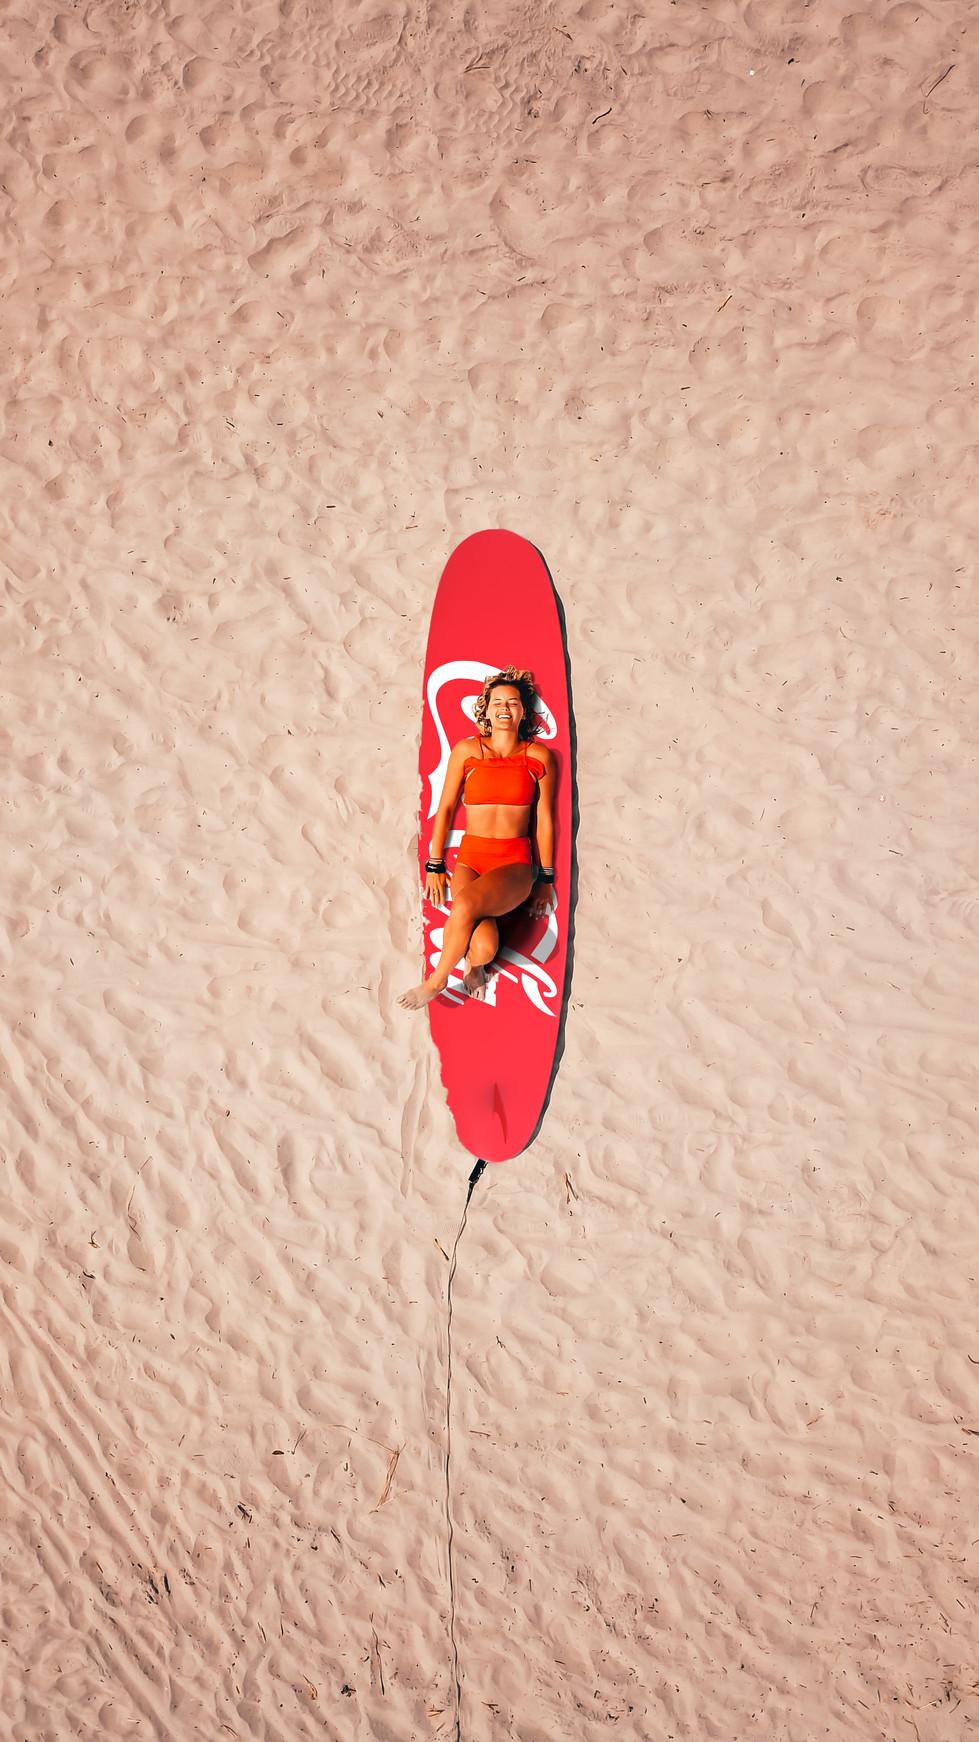 SURF GIRL DRONE SHOT.jpg